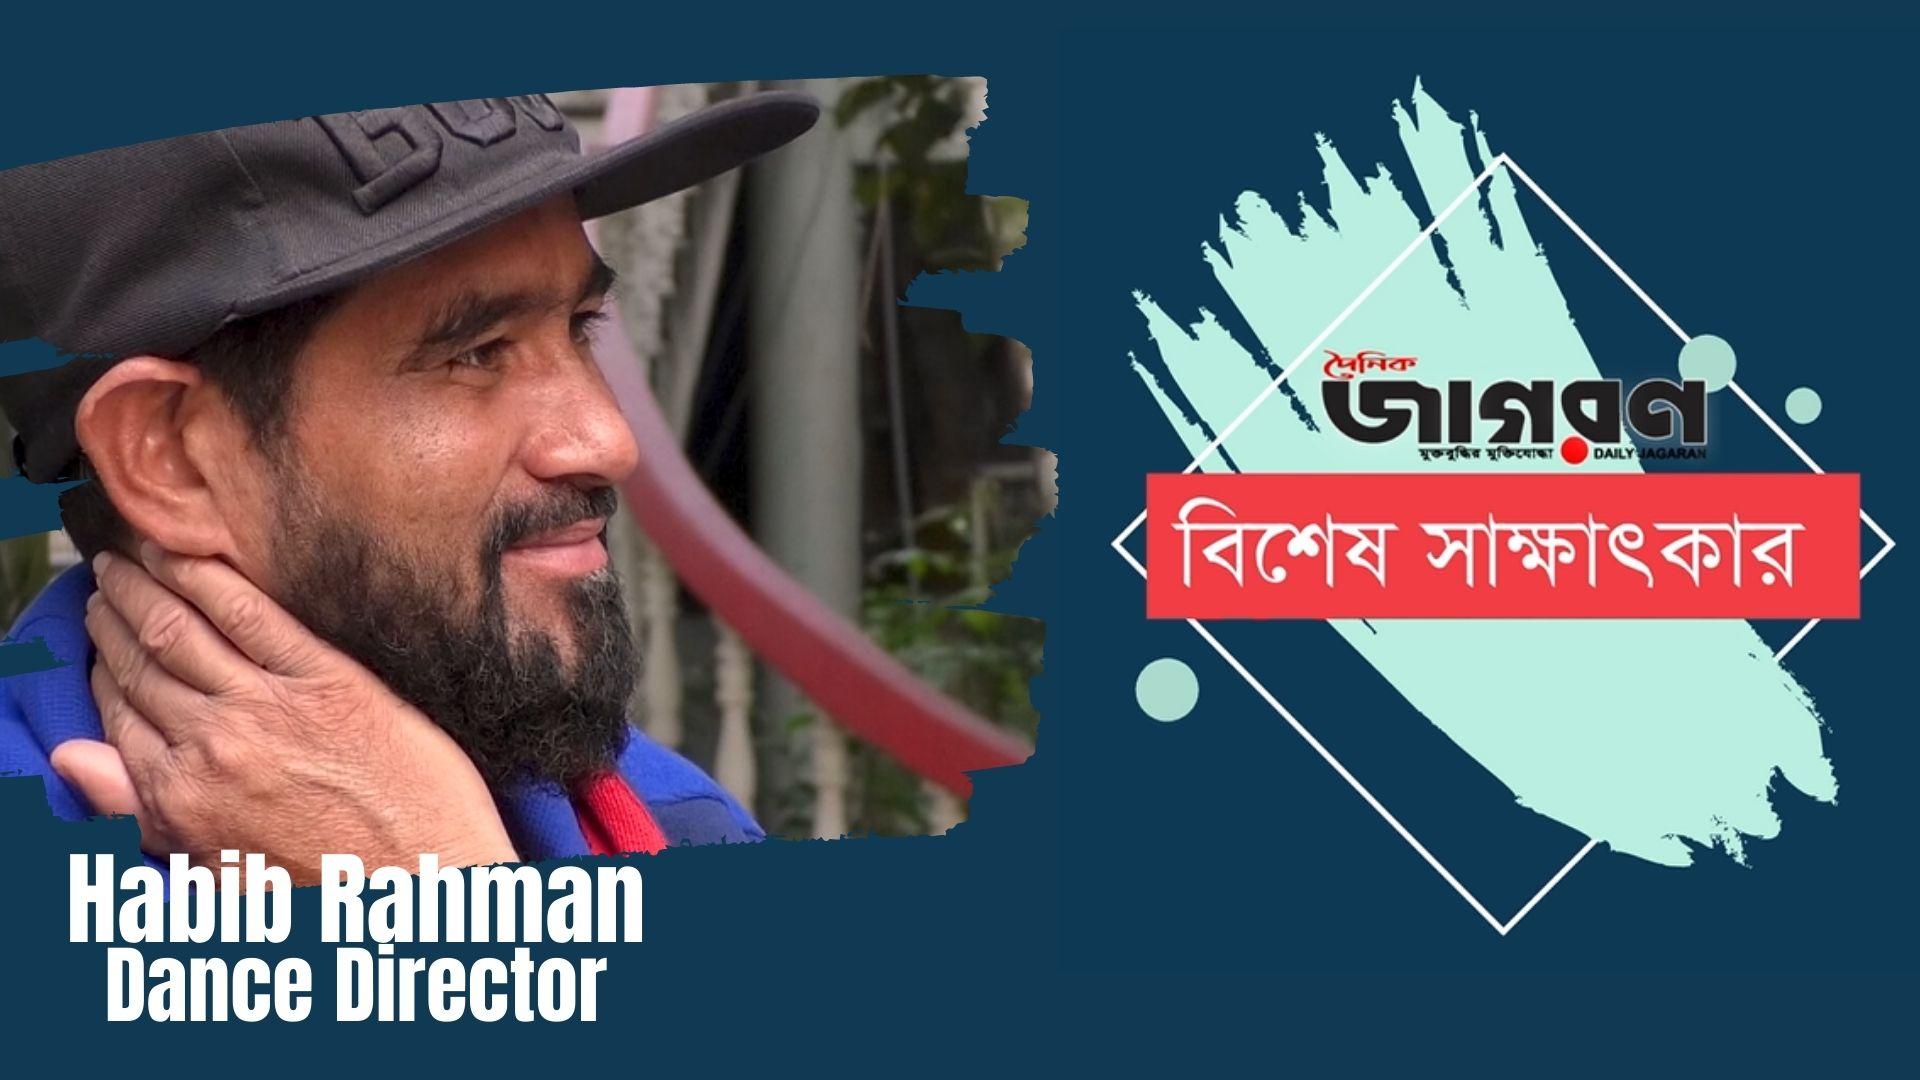 Dance Director Habib | জাতীয় চলচ্চিত্র পুরষ্কার | জাগরণ অনলাইন | বিশেষ সাক্ষাৎকার